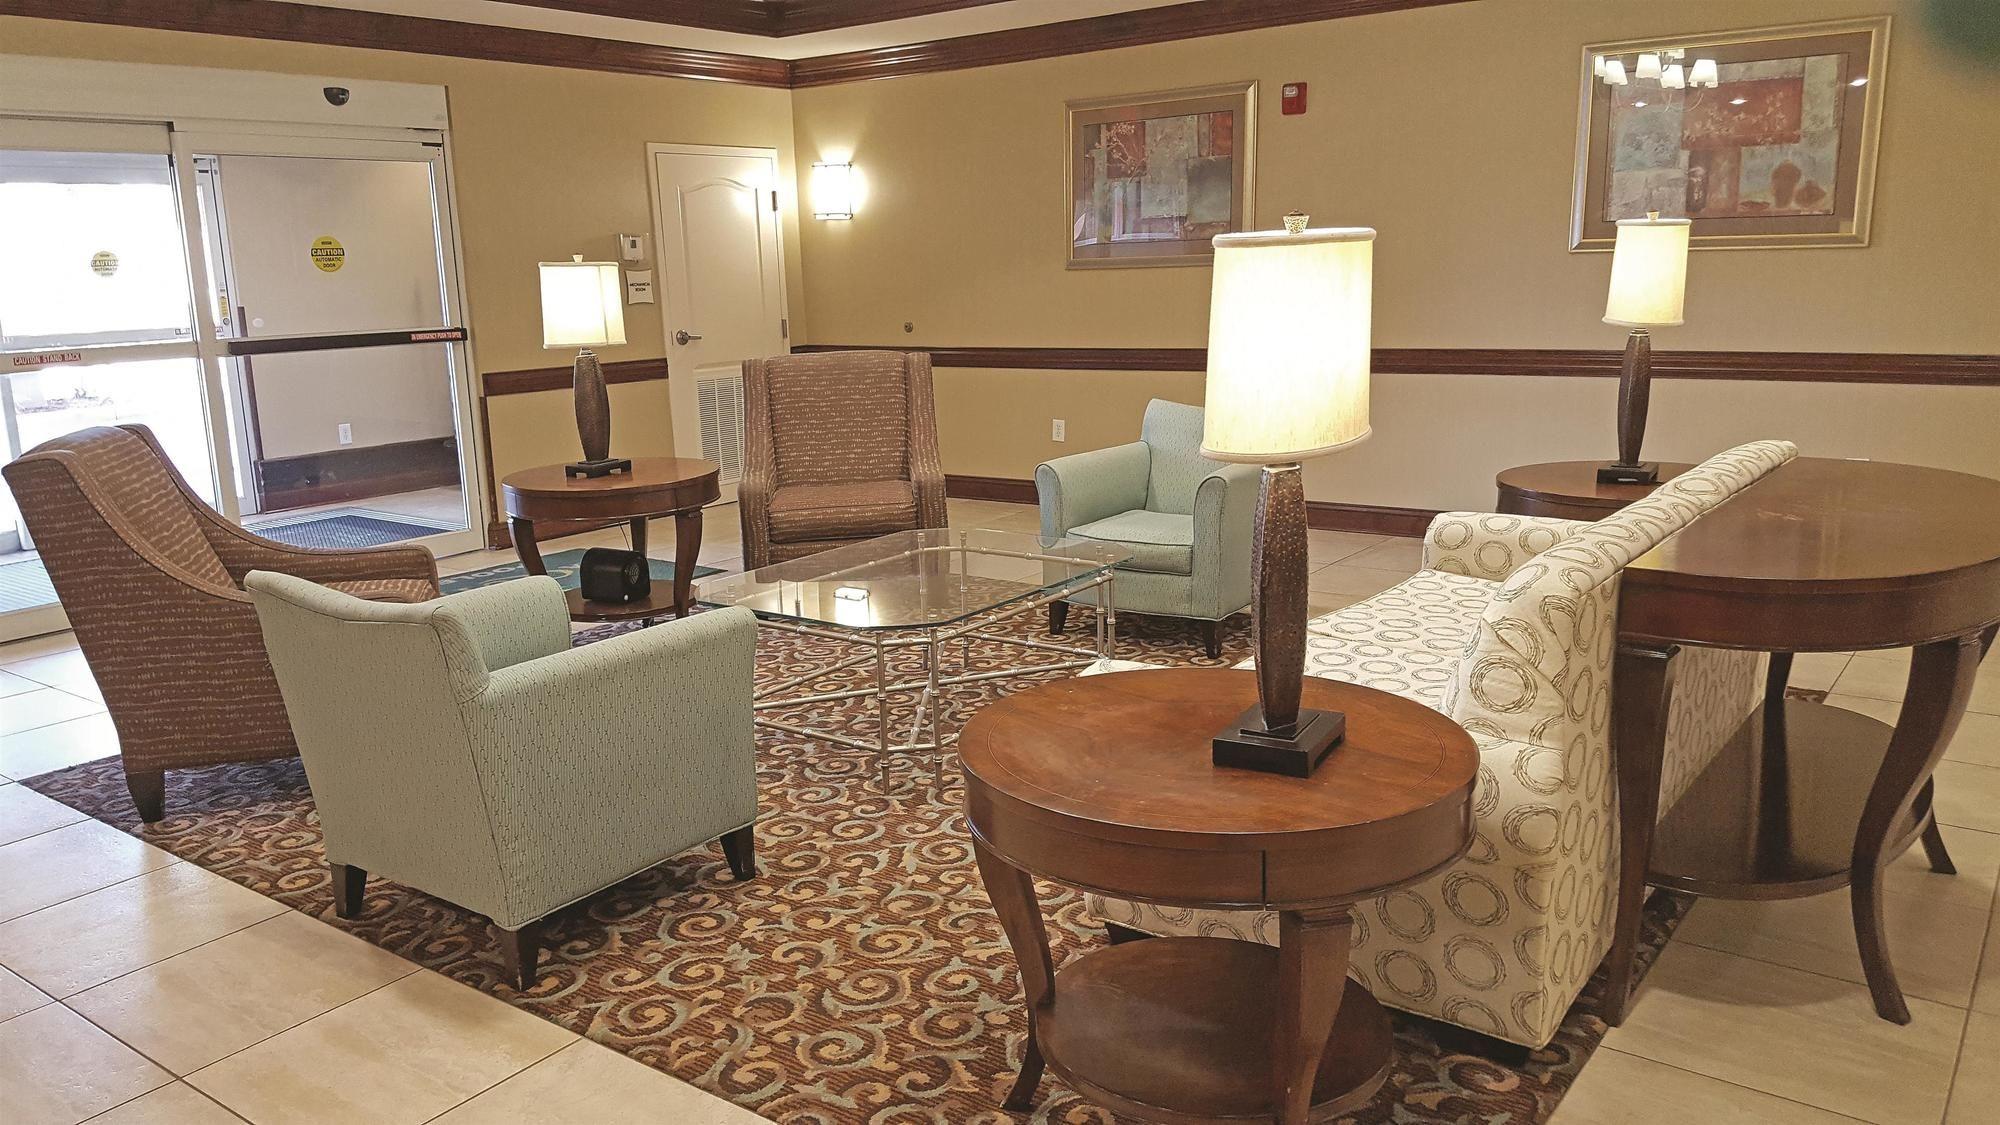 LaQuinta Inn in Pooler, GA